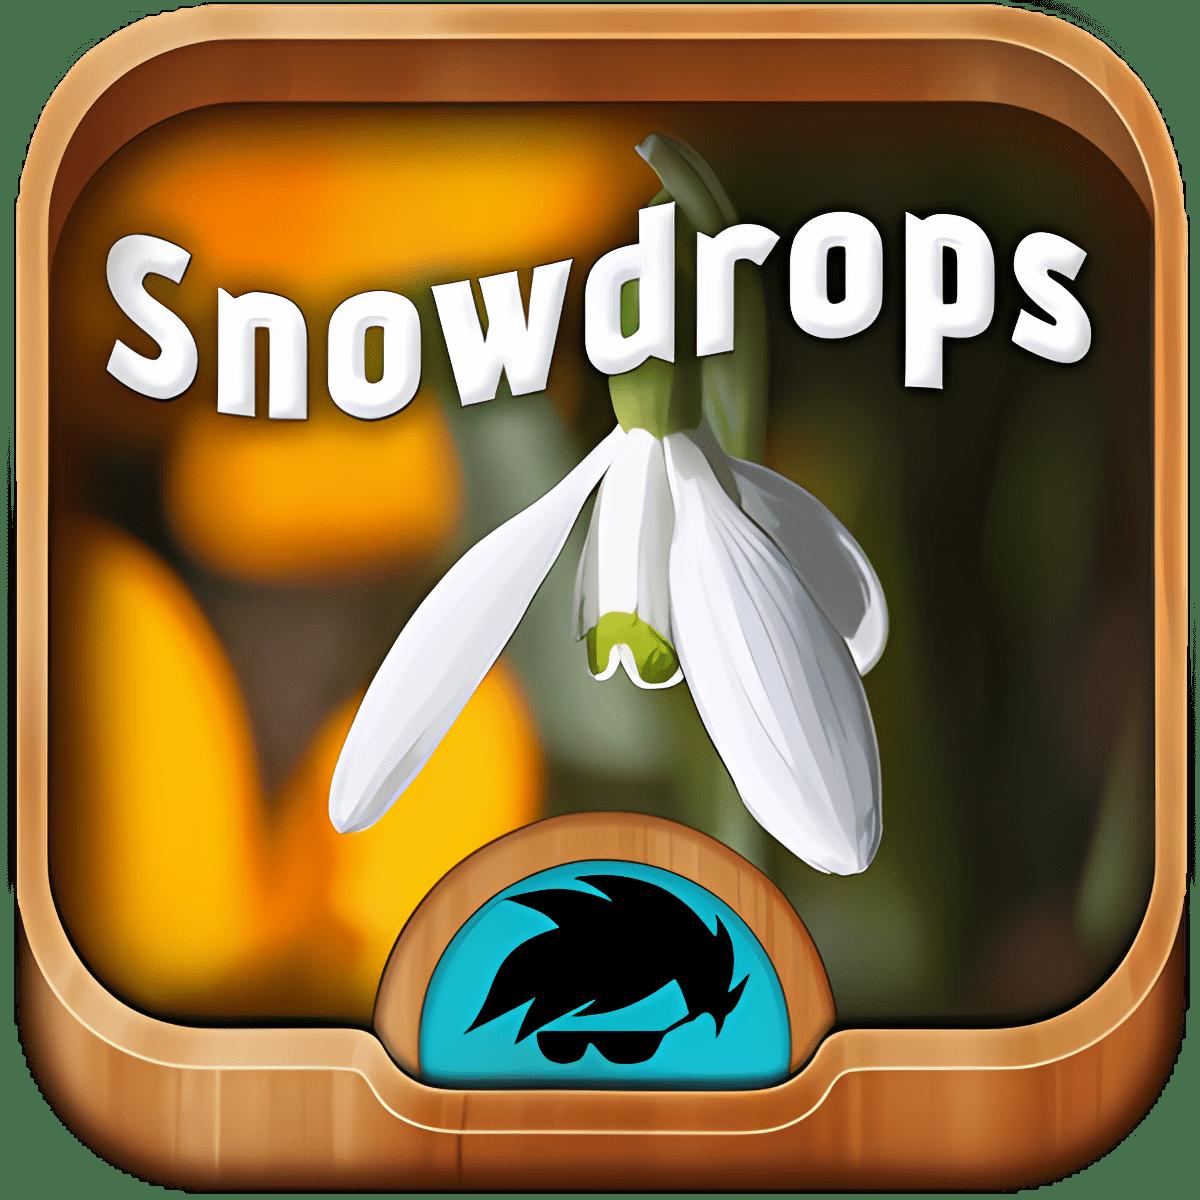 Snowdrops tema del teclado